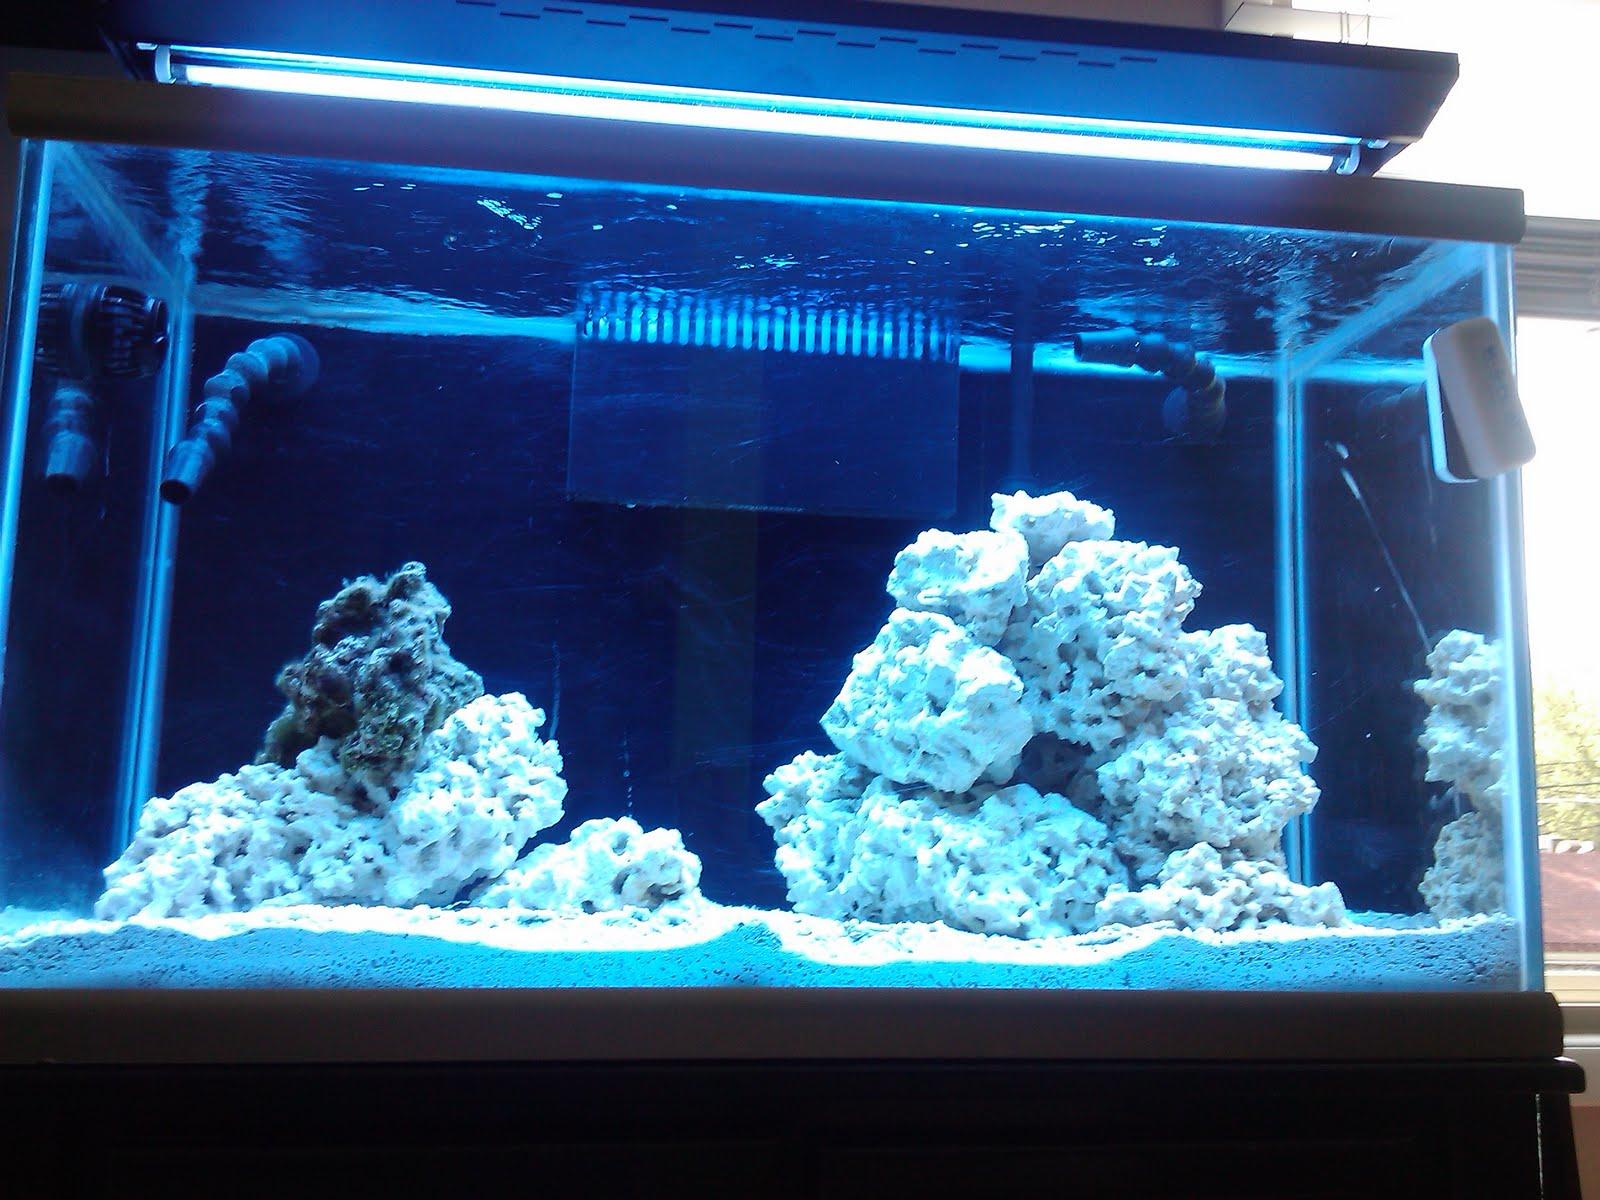 Noel S 58 Gallon Reef Build